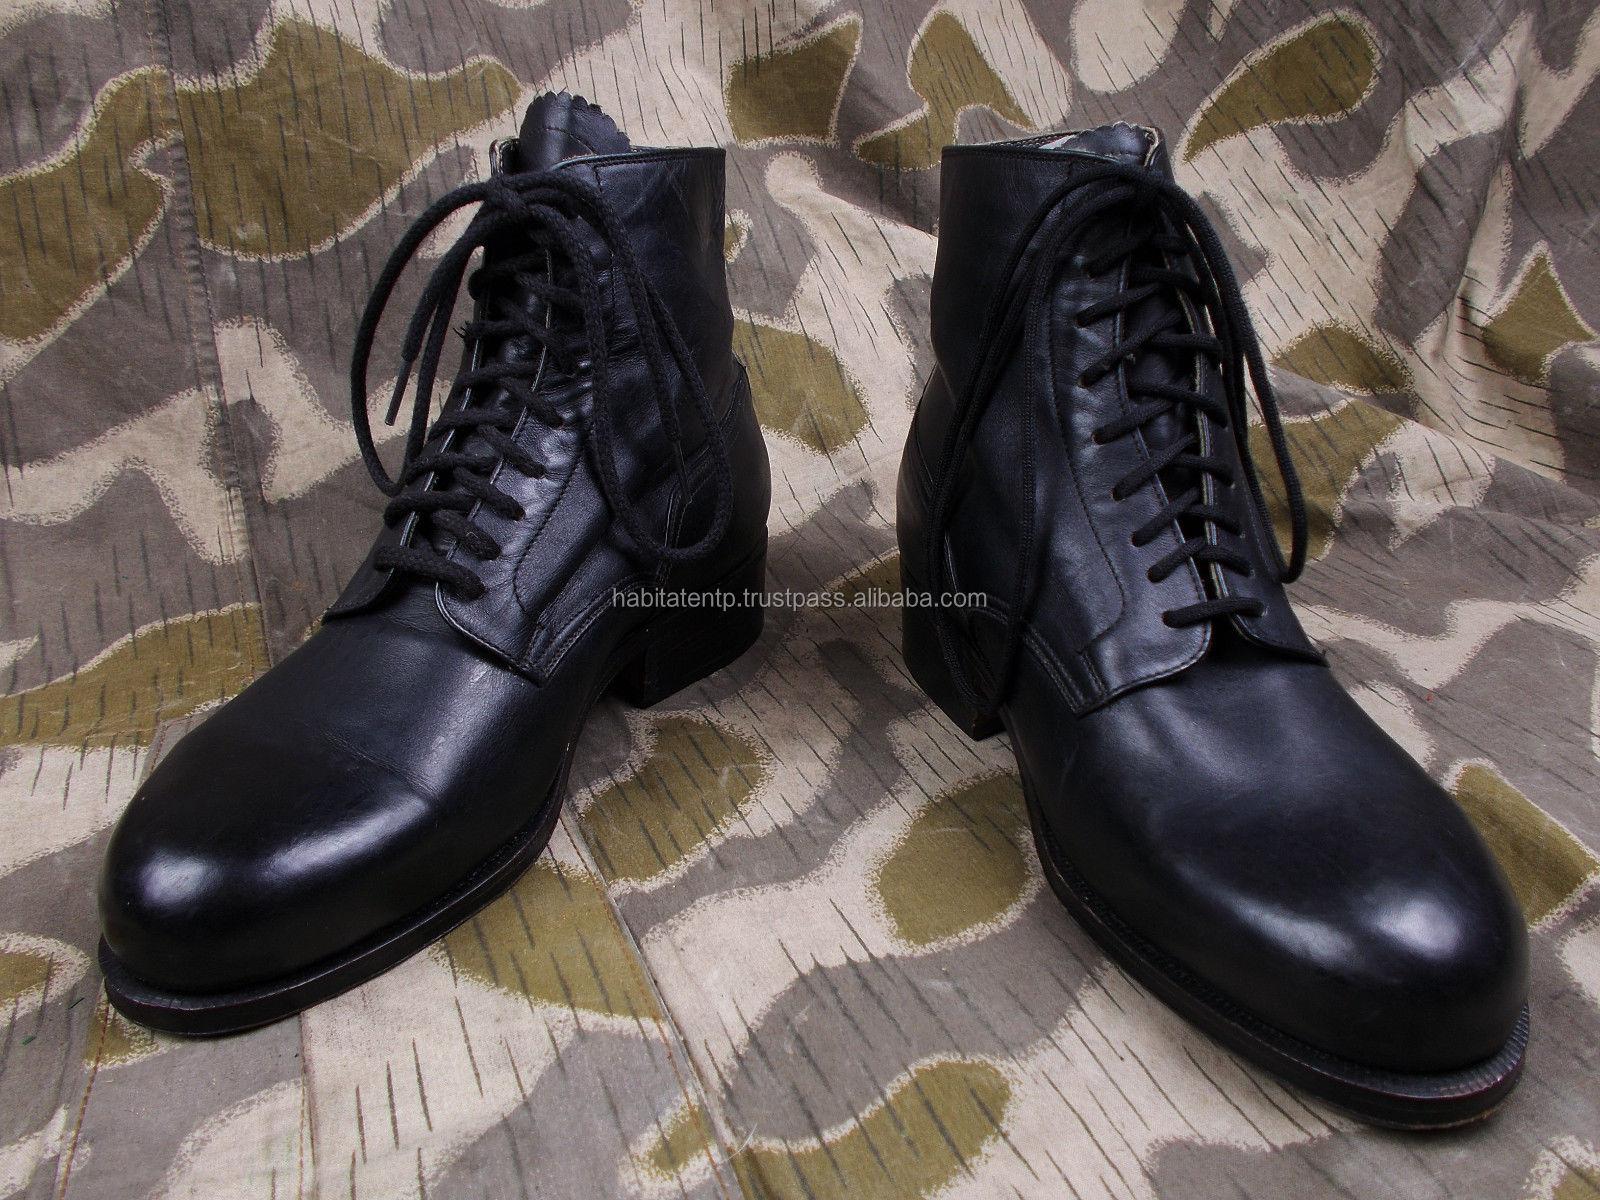 Ww2 Botas Zapatos De Mujer Botas De Reproducción 1940 De Precio De Fábrica Buy Muestra Ofrecemos Zapatos De Piel De Becerro De Cromo Suave Para